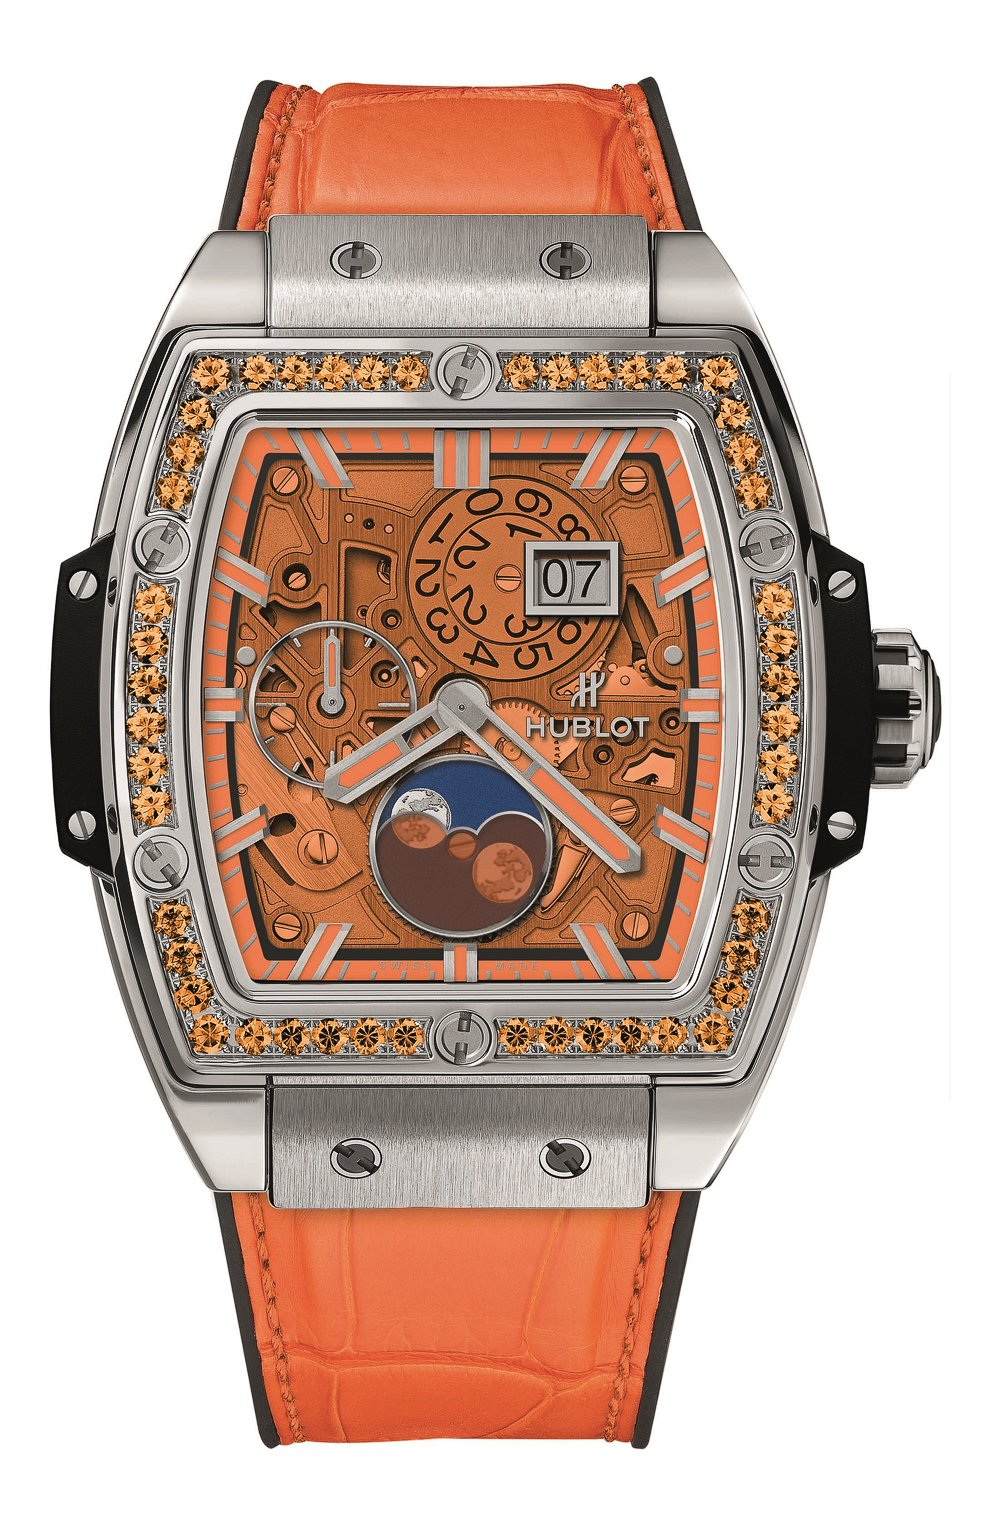 Женские часы spirit of big bang moonphase titanium orange HUBLOT оранжевого цвета, арт. 647.NX.5371.LR.1206 | Фото 1